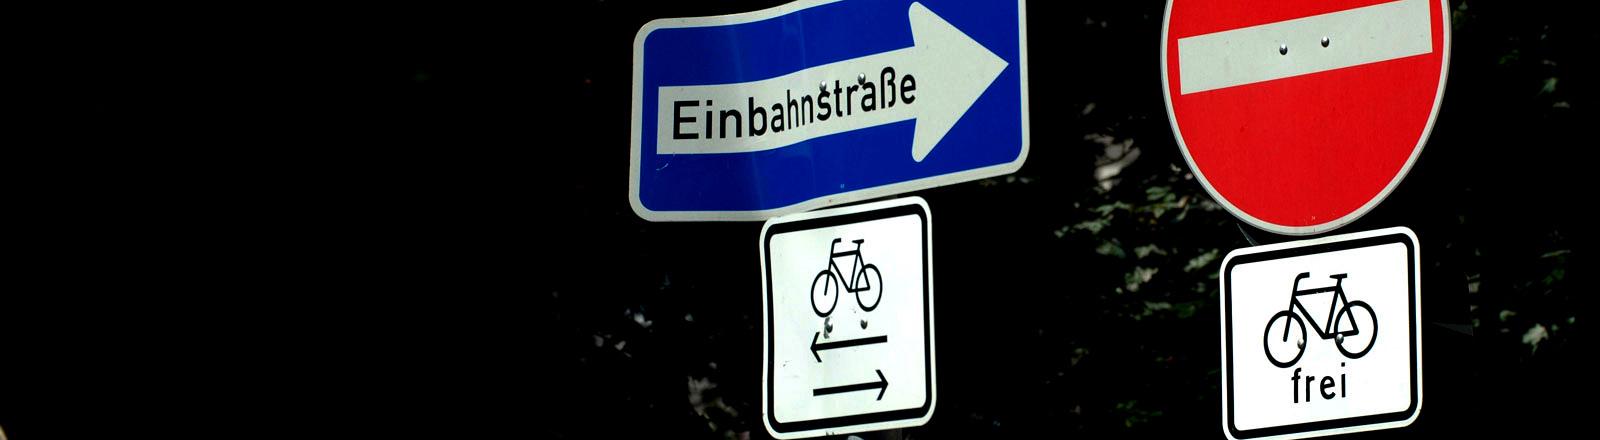 Einbahnstraße für Fahrradfahrer geöffnet